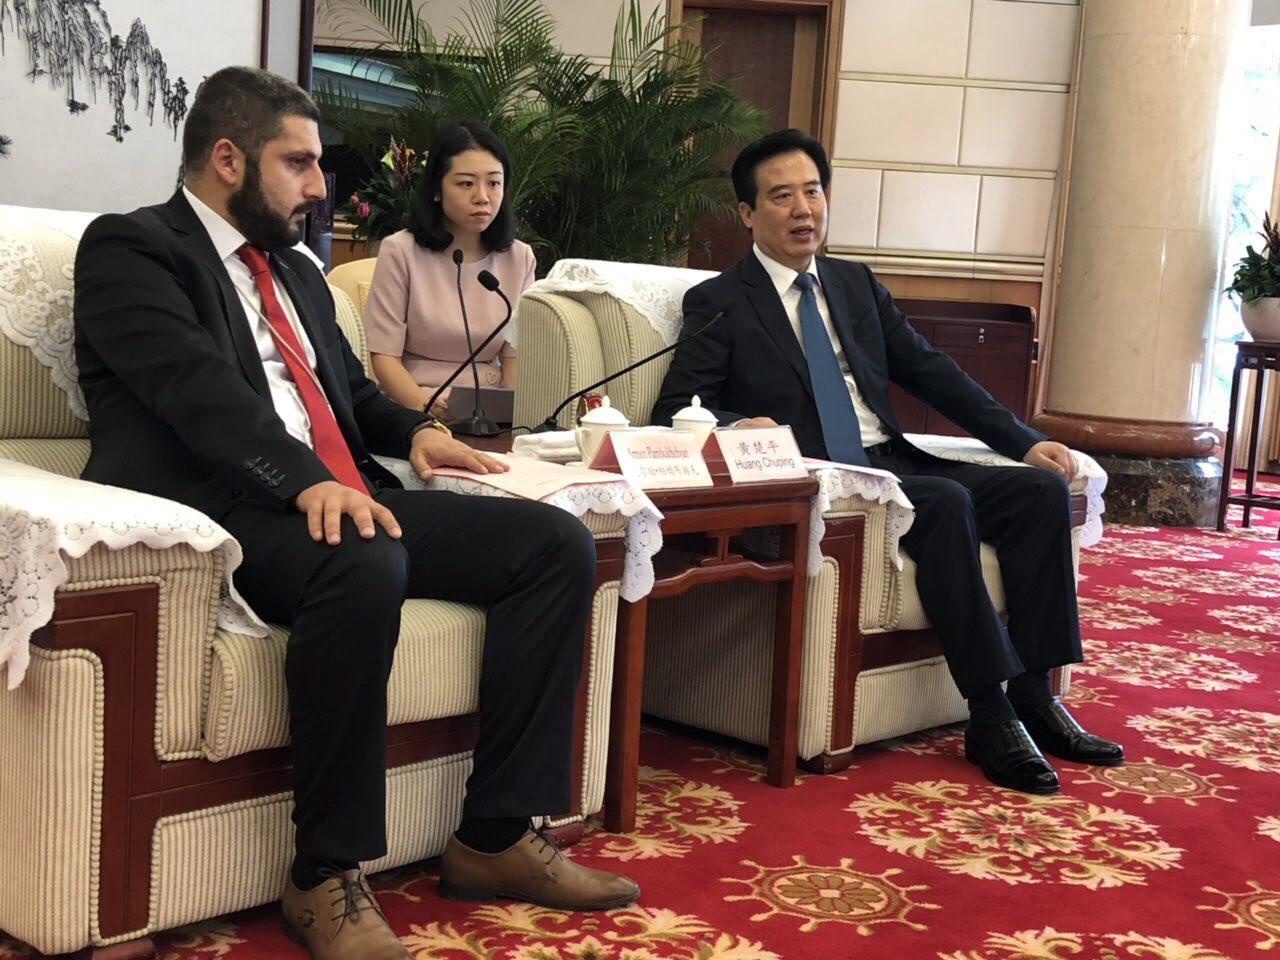 Հայաստանի և Չինաստանի Հուբեյ նահանգի միջև չեն բացառվում համագործակցության հնարավորությունները